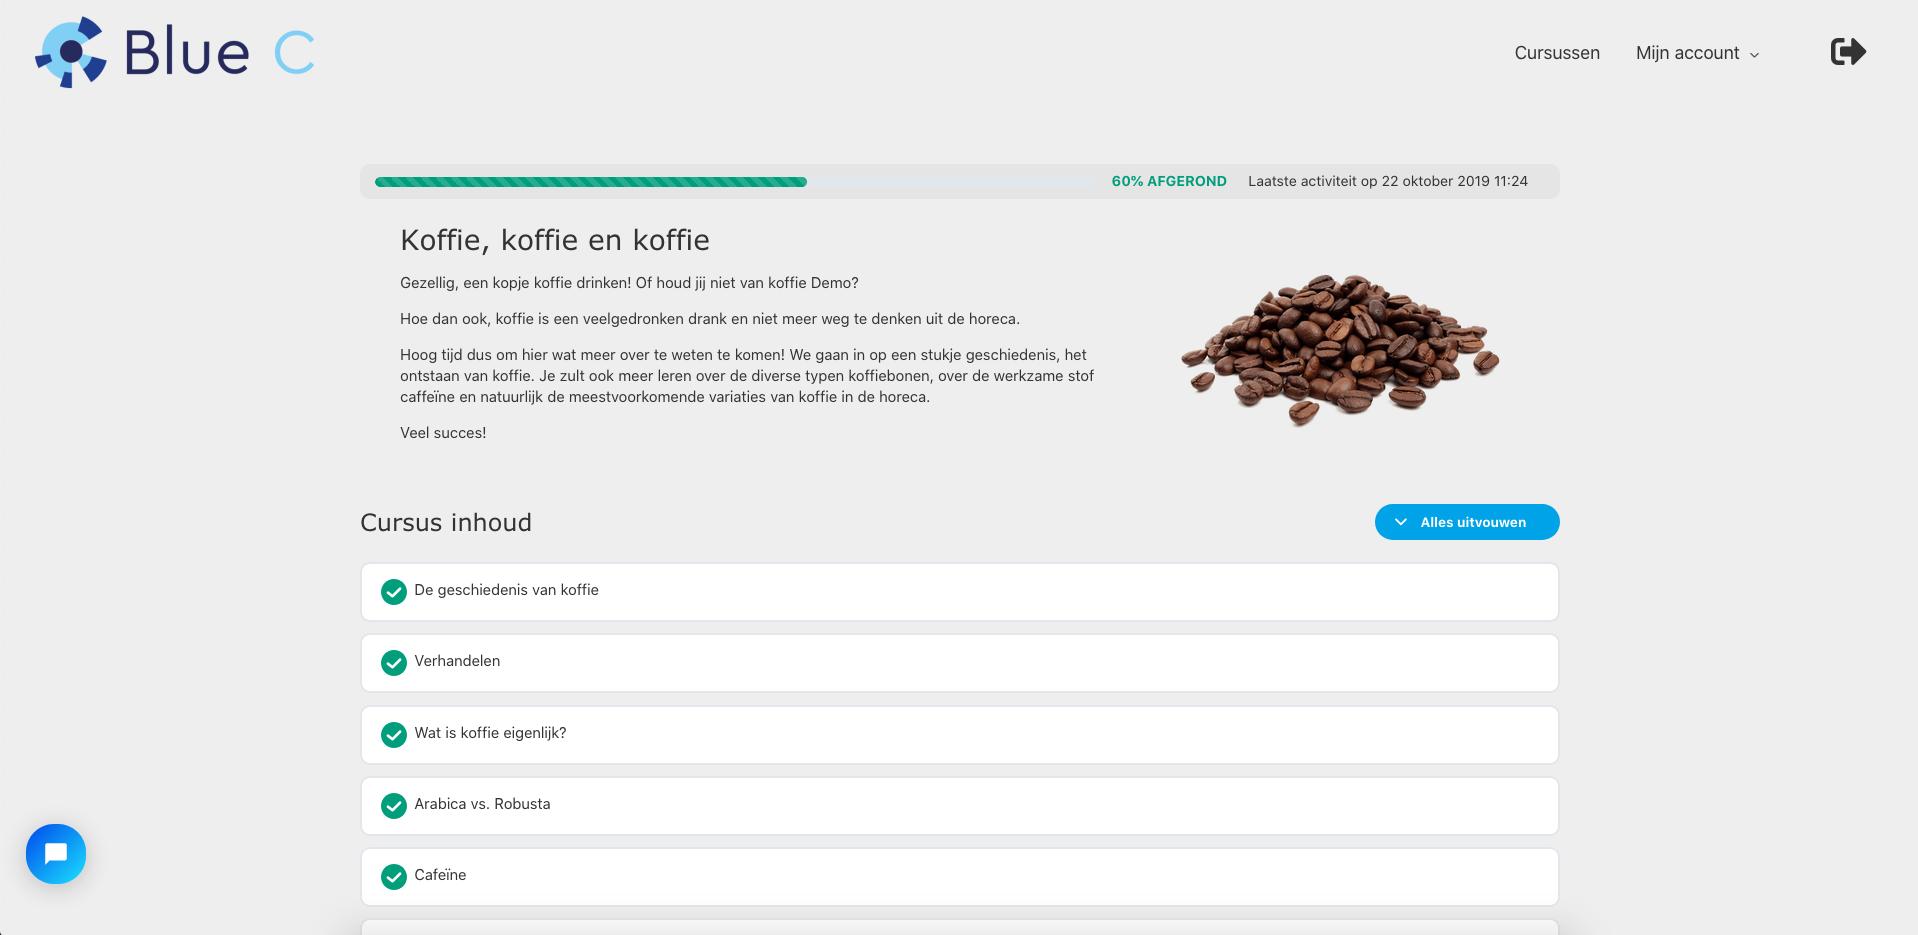 Voorbeeld van de cursus Koffie in de E-learning van Blue C